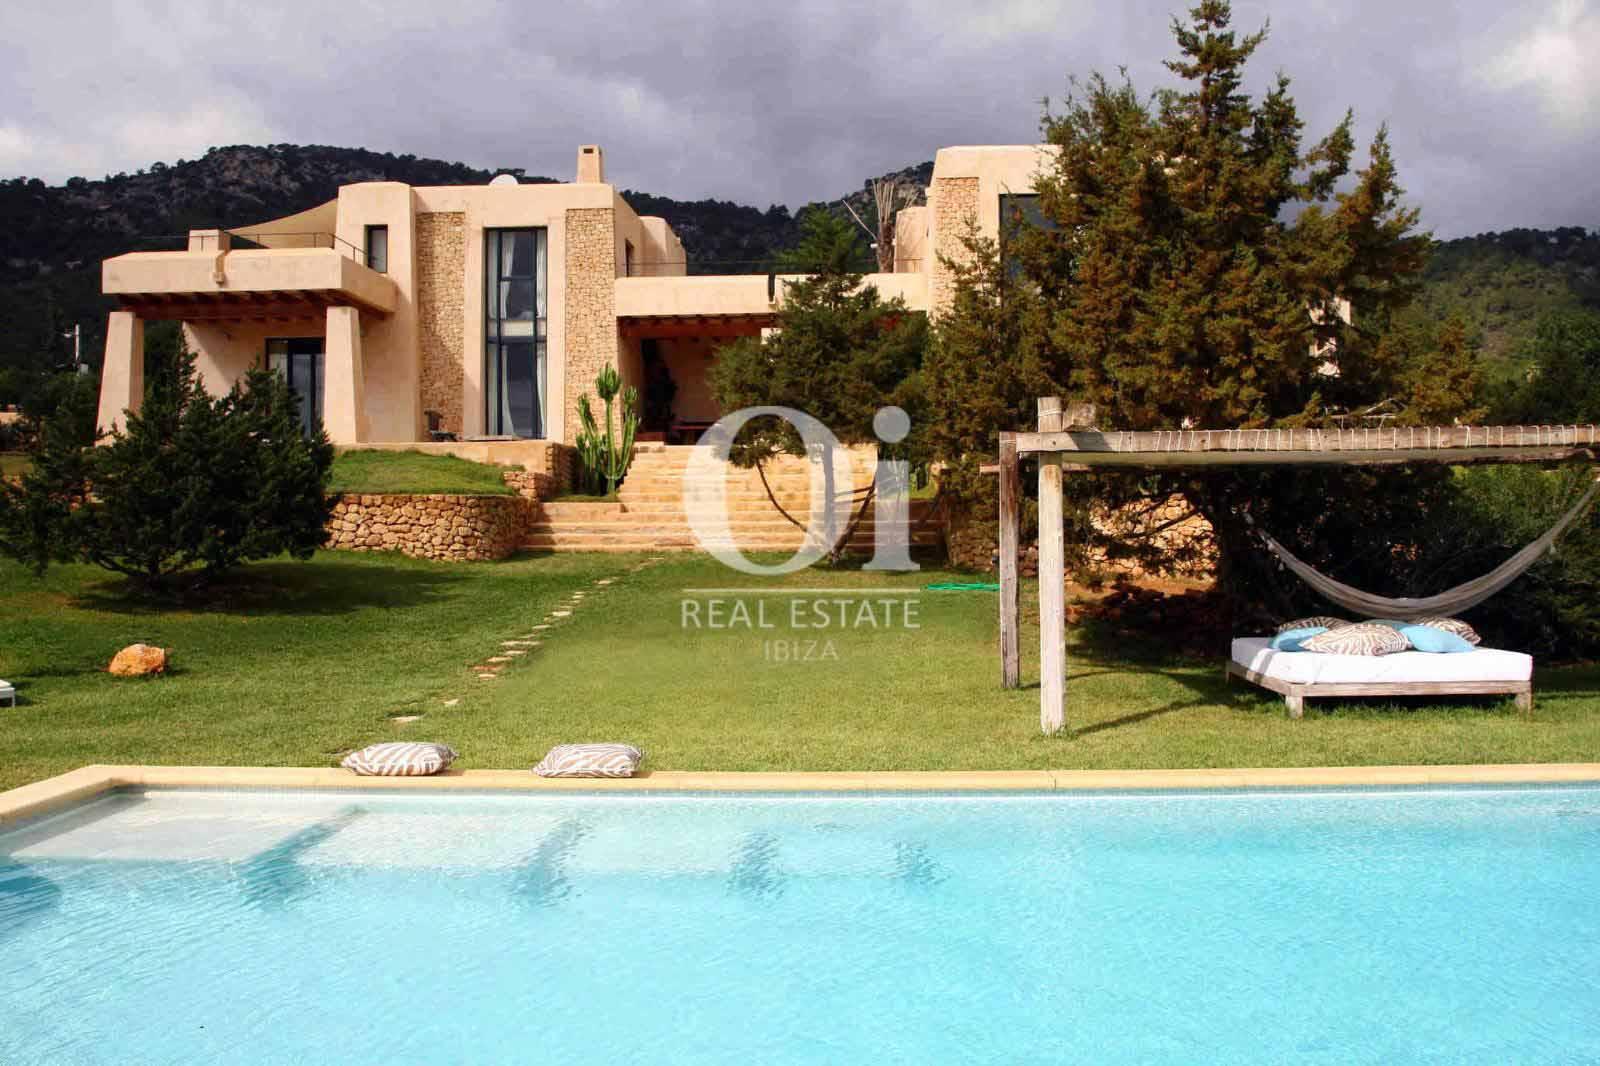 Maison à louer de séjour à Es Cubells, Ibiza